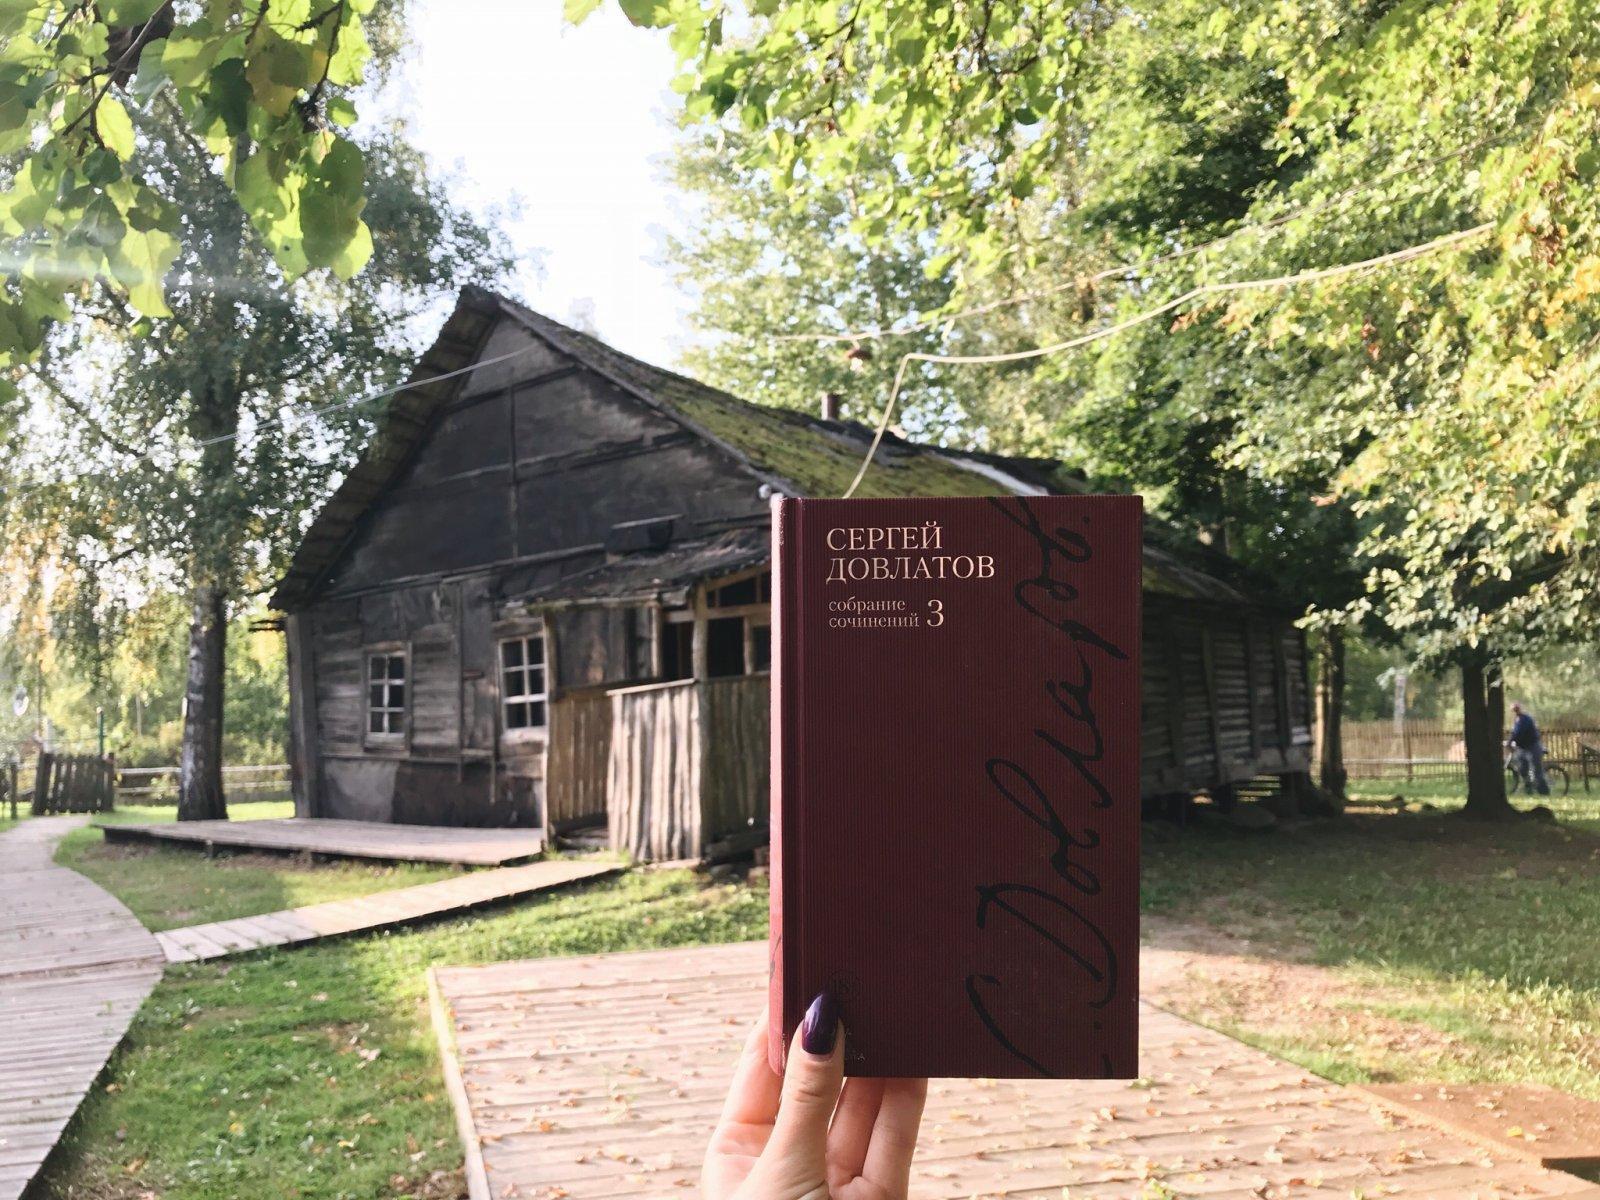 Индивидуальная экскурсия в Пушкинские Горы «Саша+Серёжа»